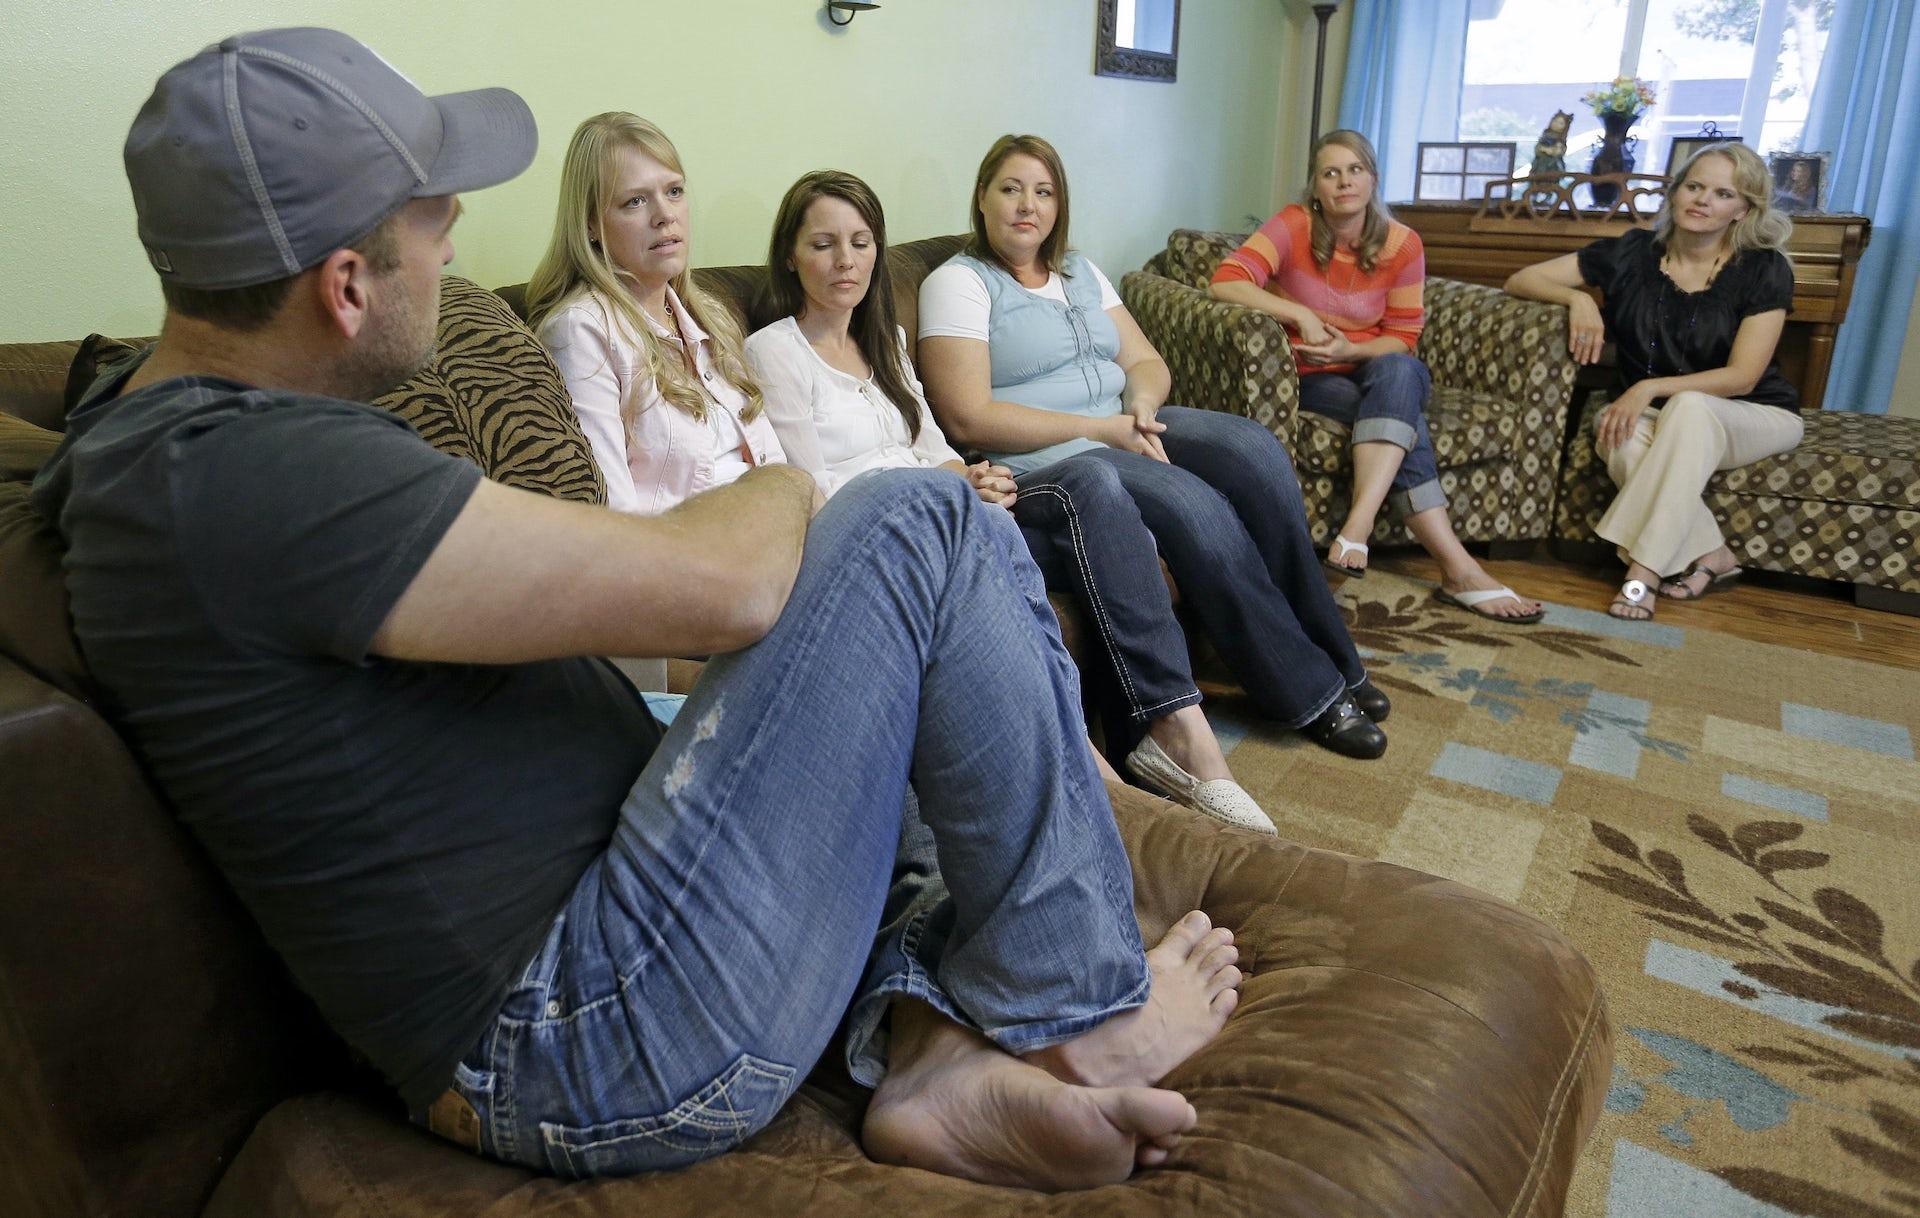 polygamist online dating dejtingsajt ryska bedrägerier